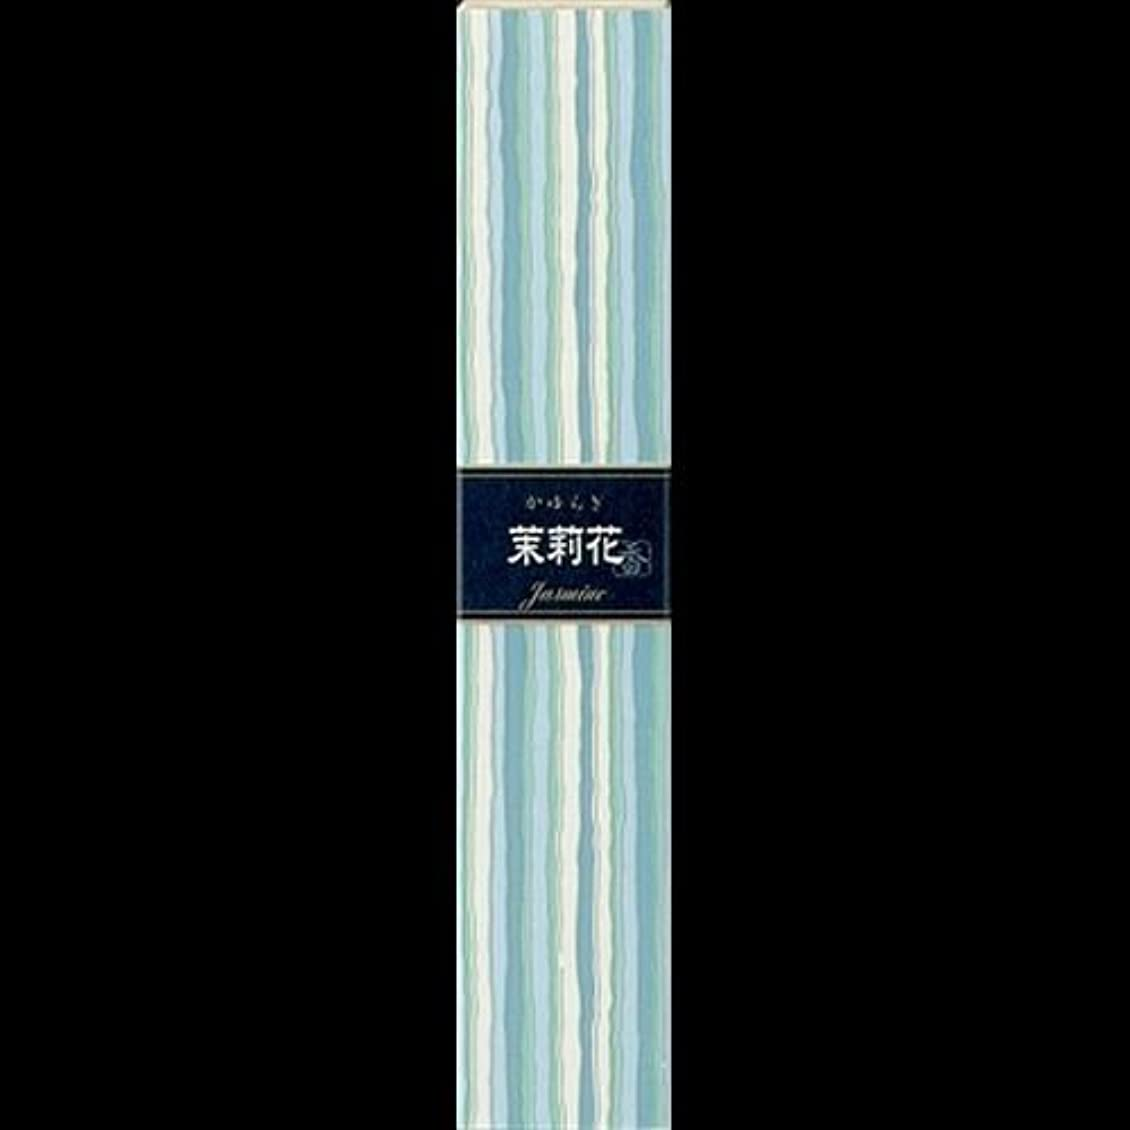 茎規制する回想【まとめ買い】かゆらぎ 茉莉花(まつりか) ×2セット